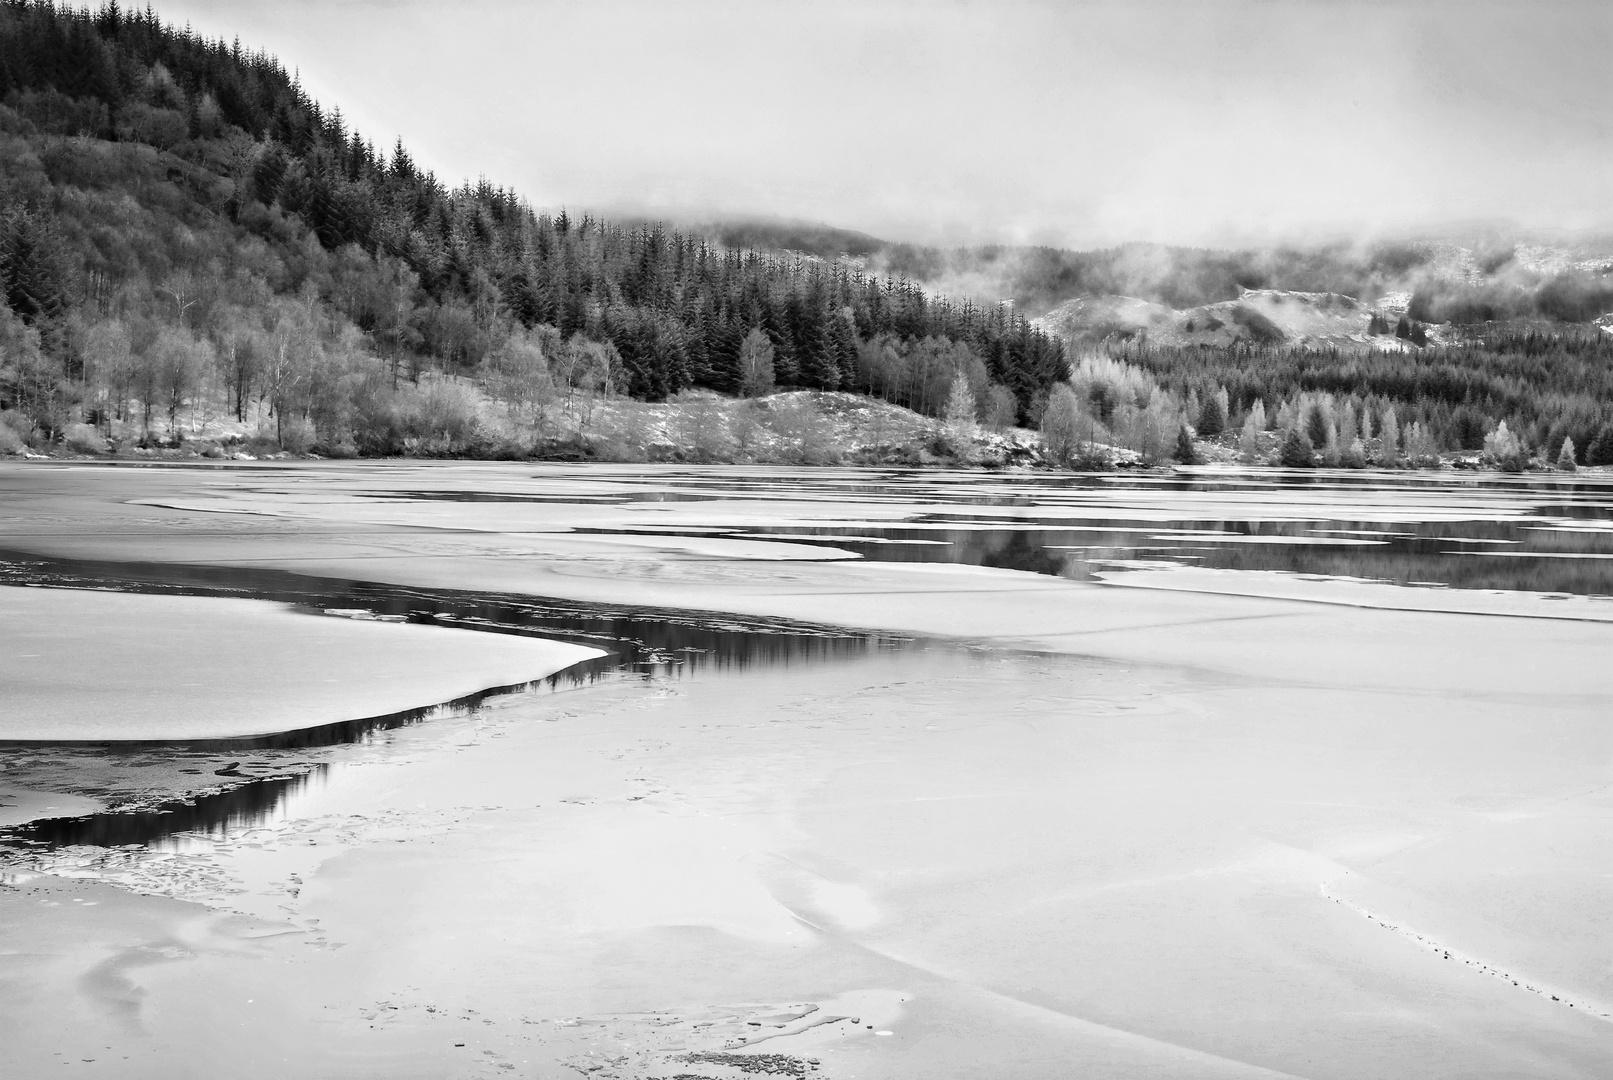 Sul lago ghiacciato ... serenità